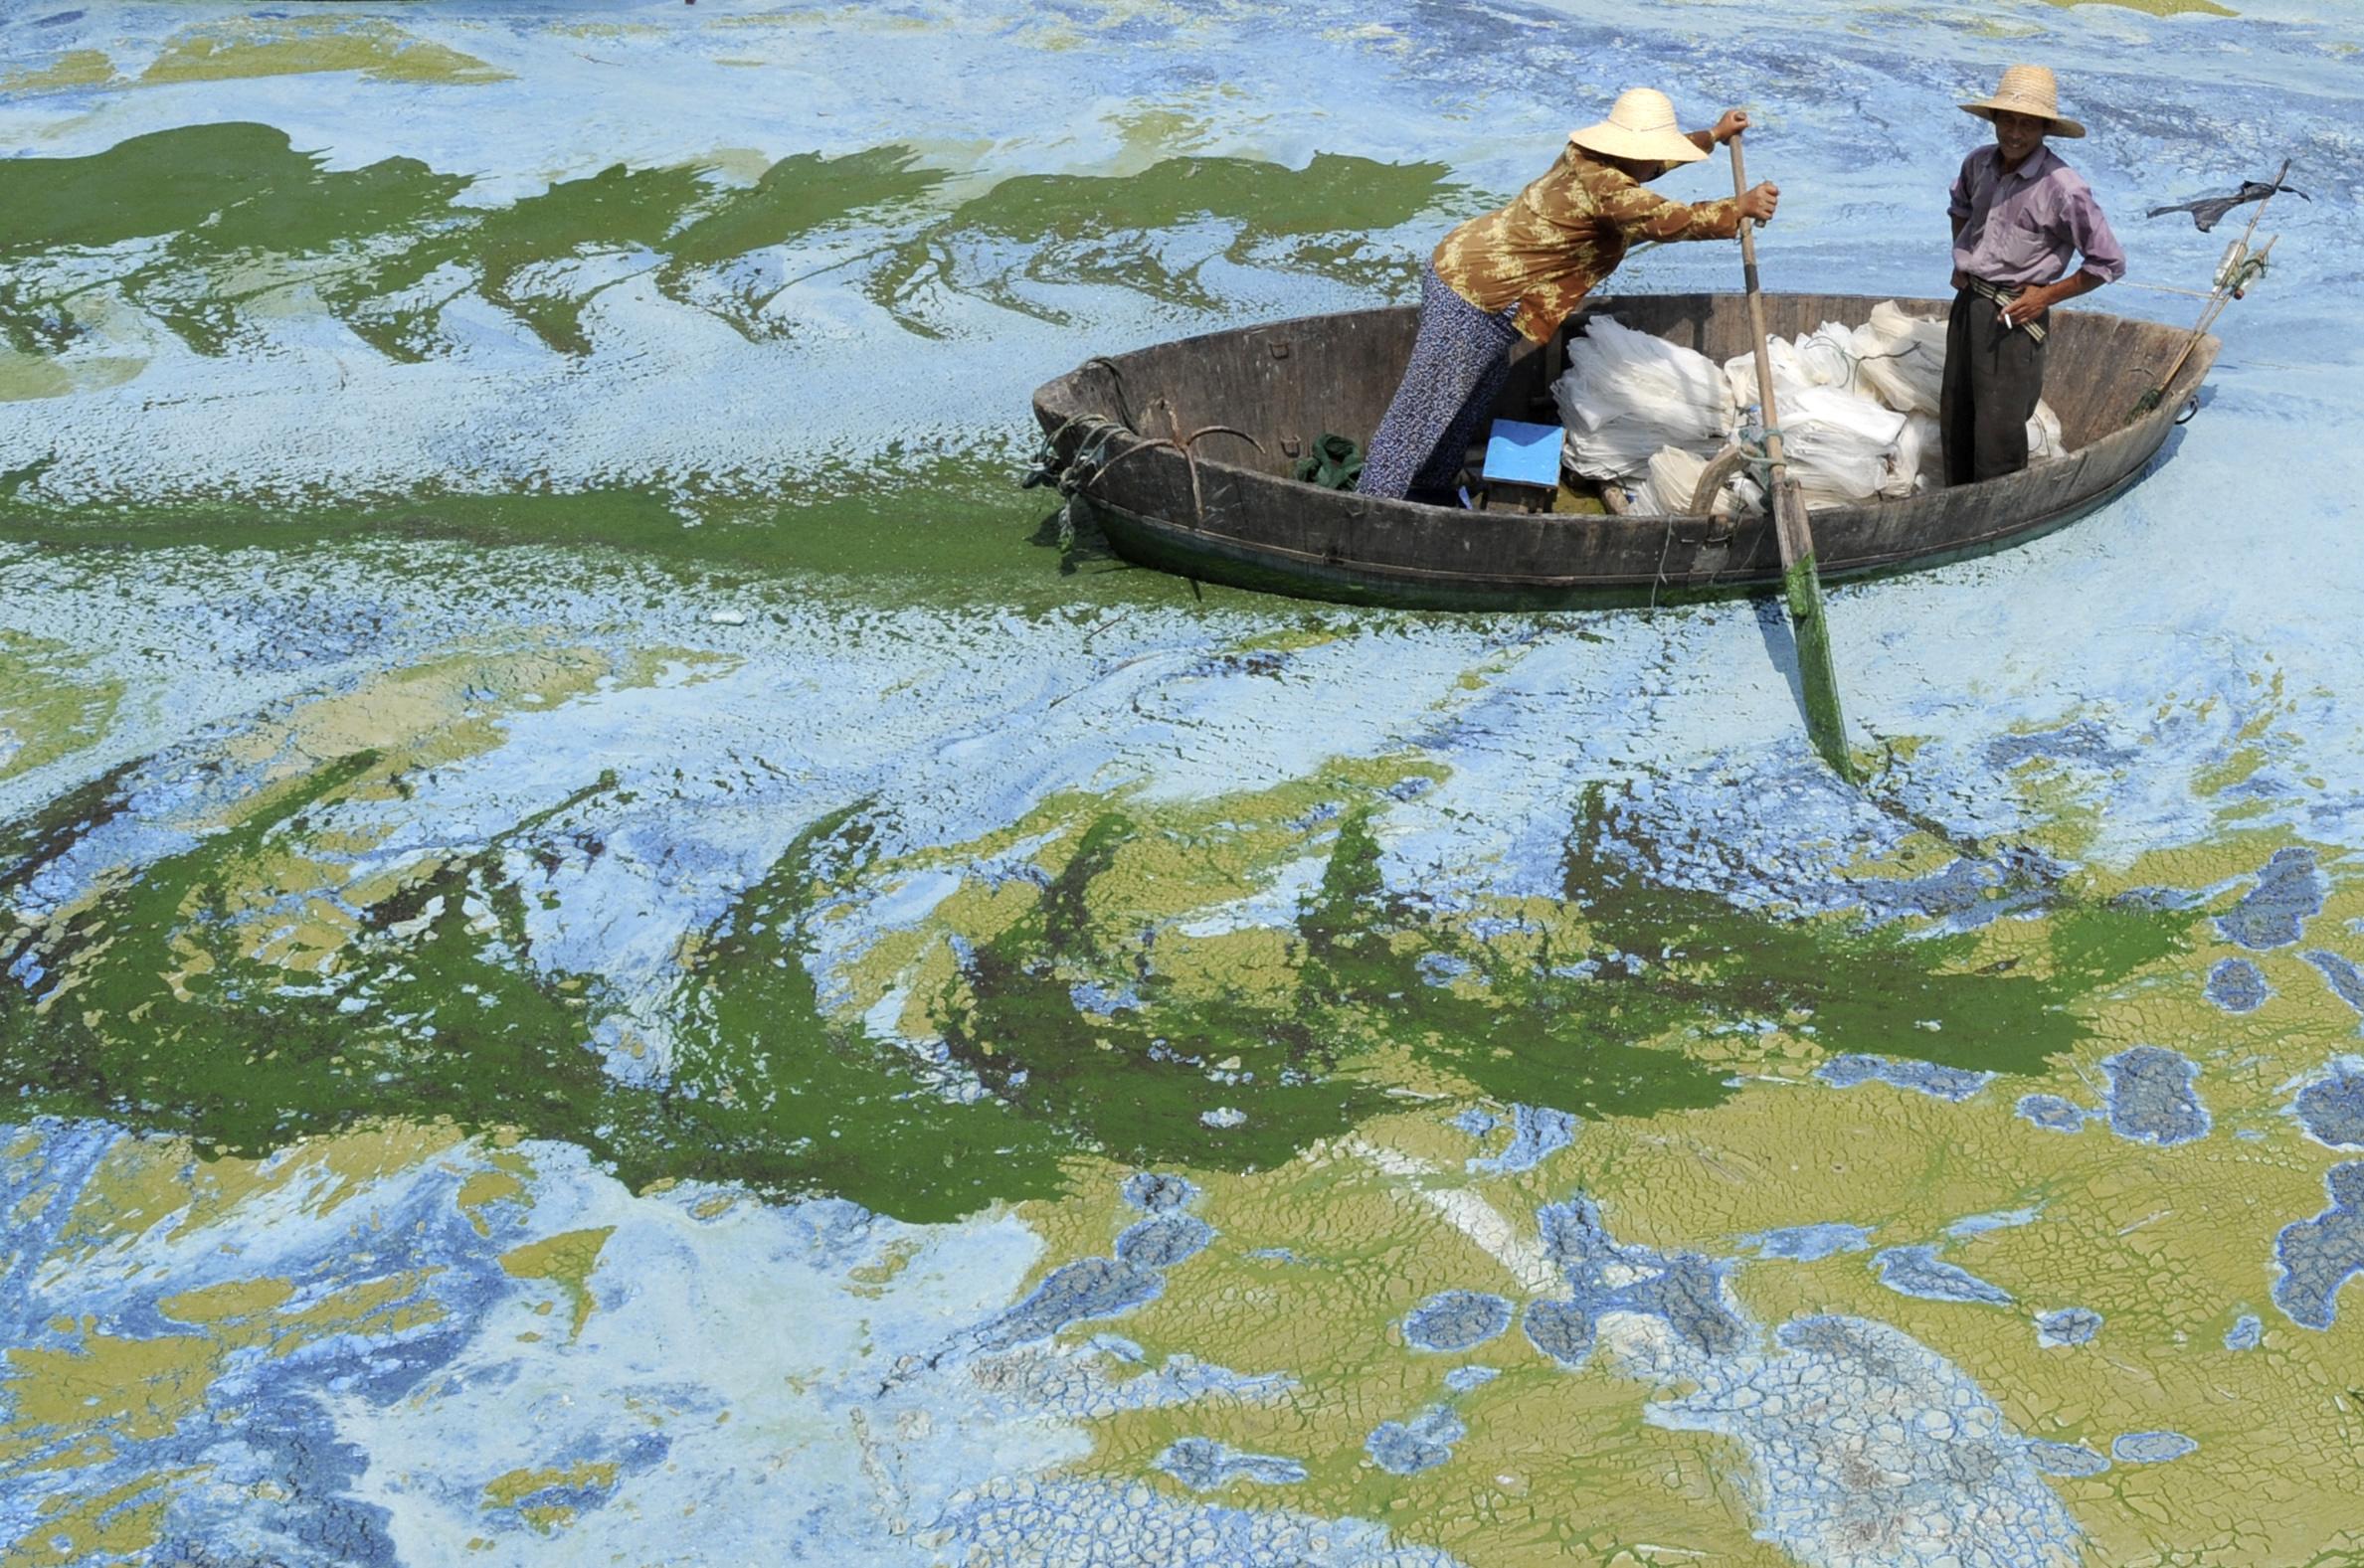 Fishermen row a boat in the algae-filled Chaohu Lake, China